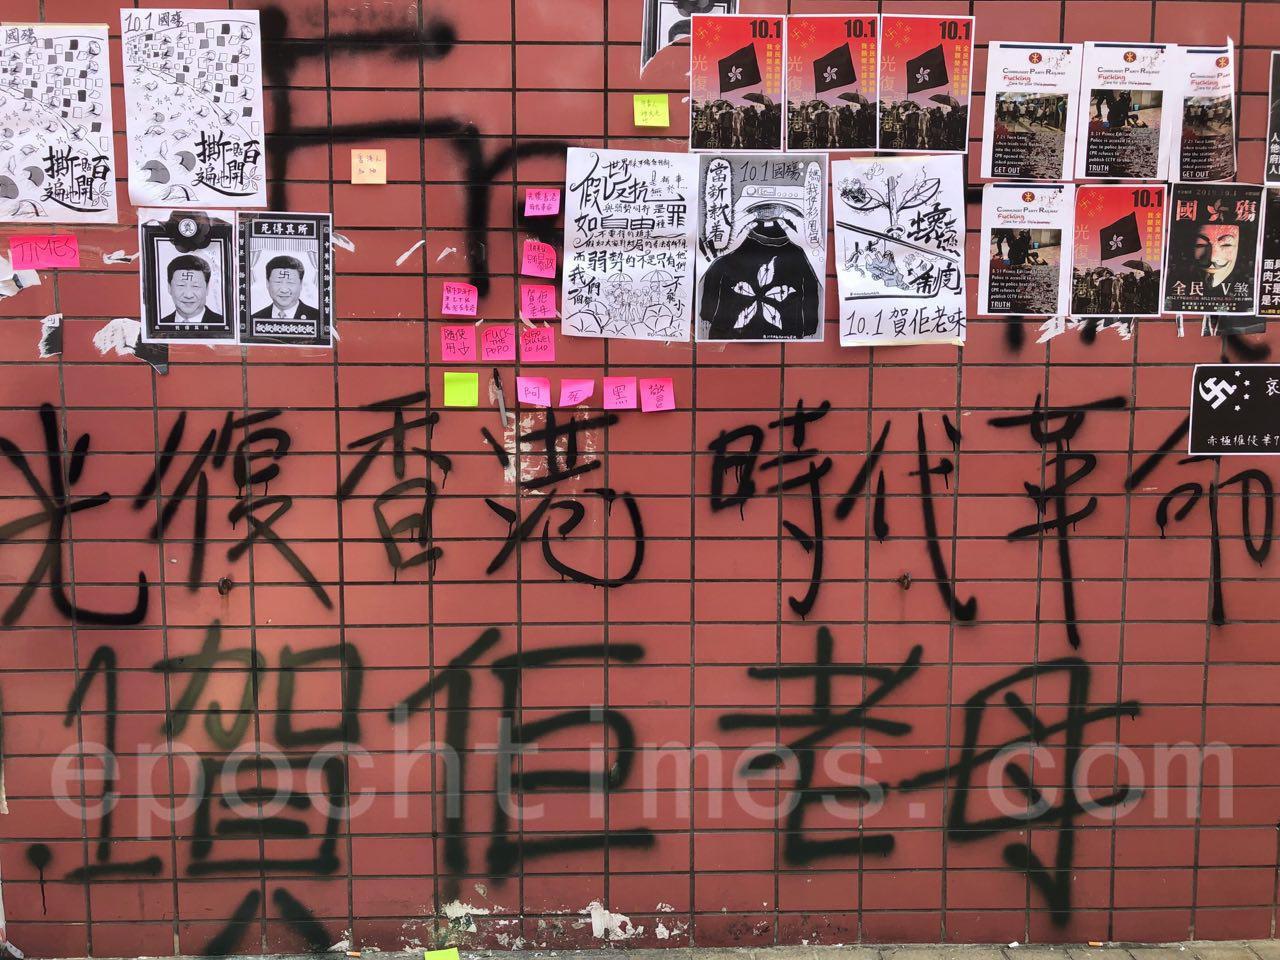 10.1國殤日,香港六區同時發起反中共極權、暴政的大遊行,圖為屯門地區的10.1大遊行。(余天佑/大紀元)